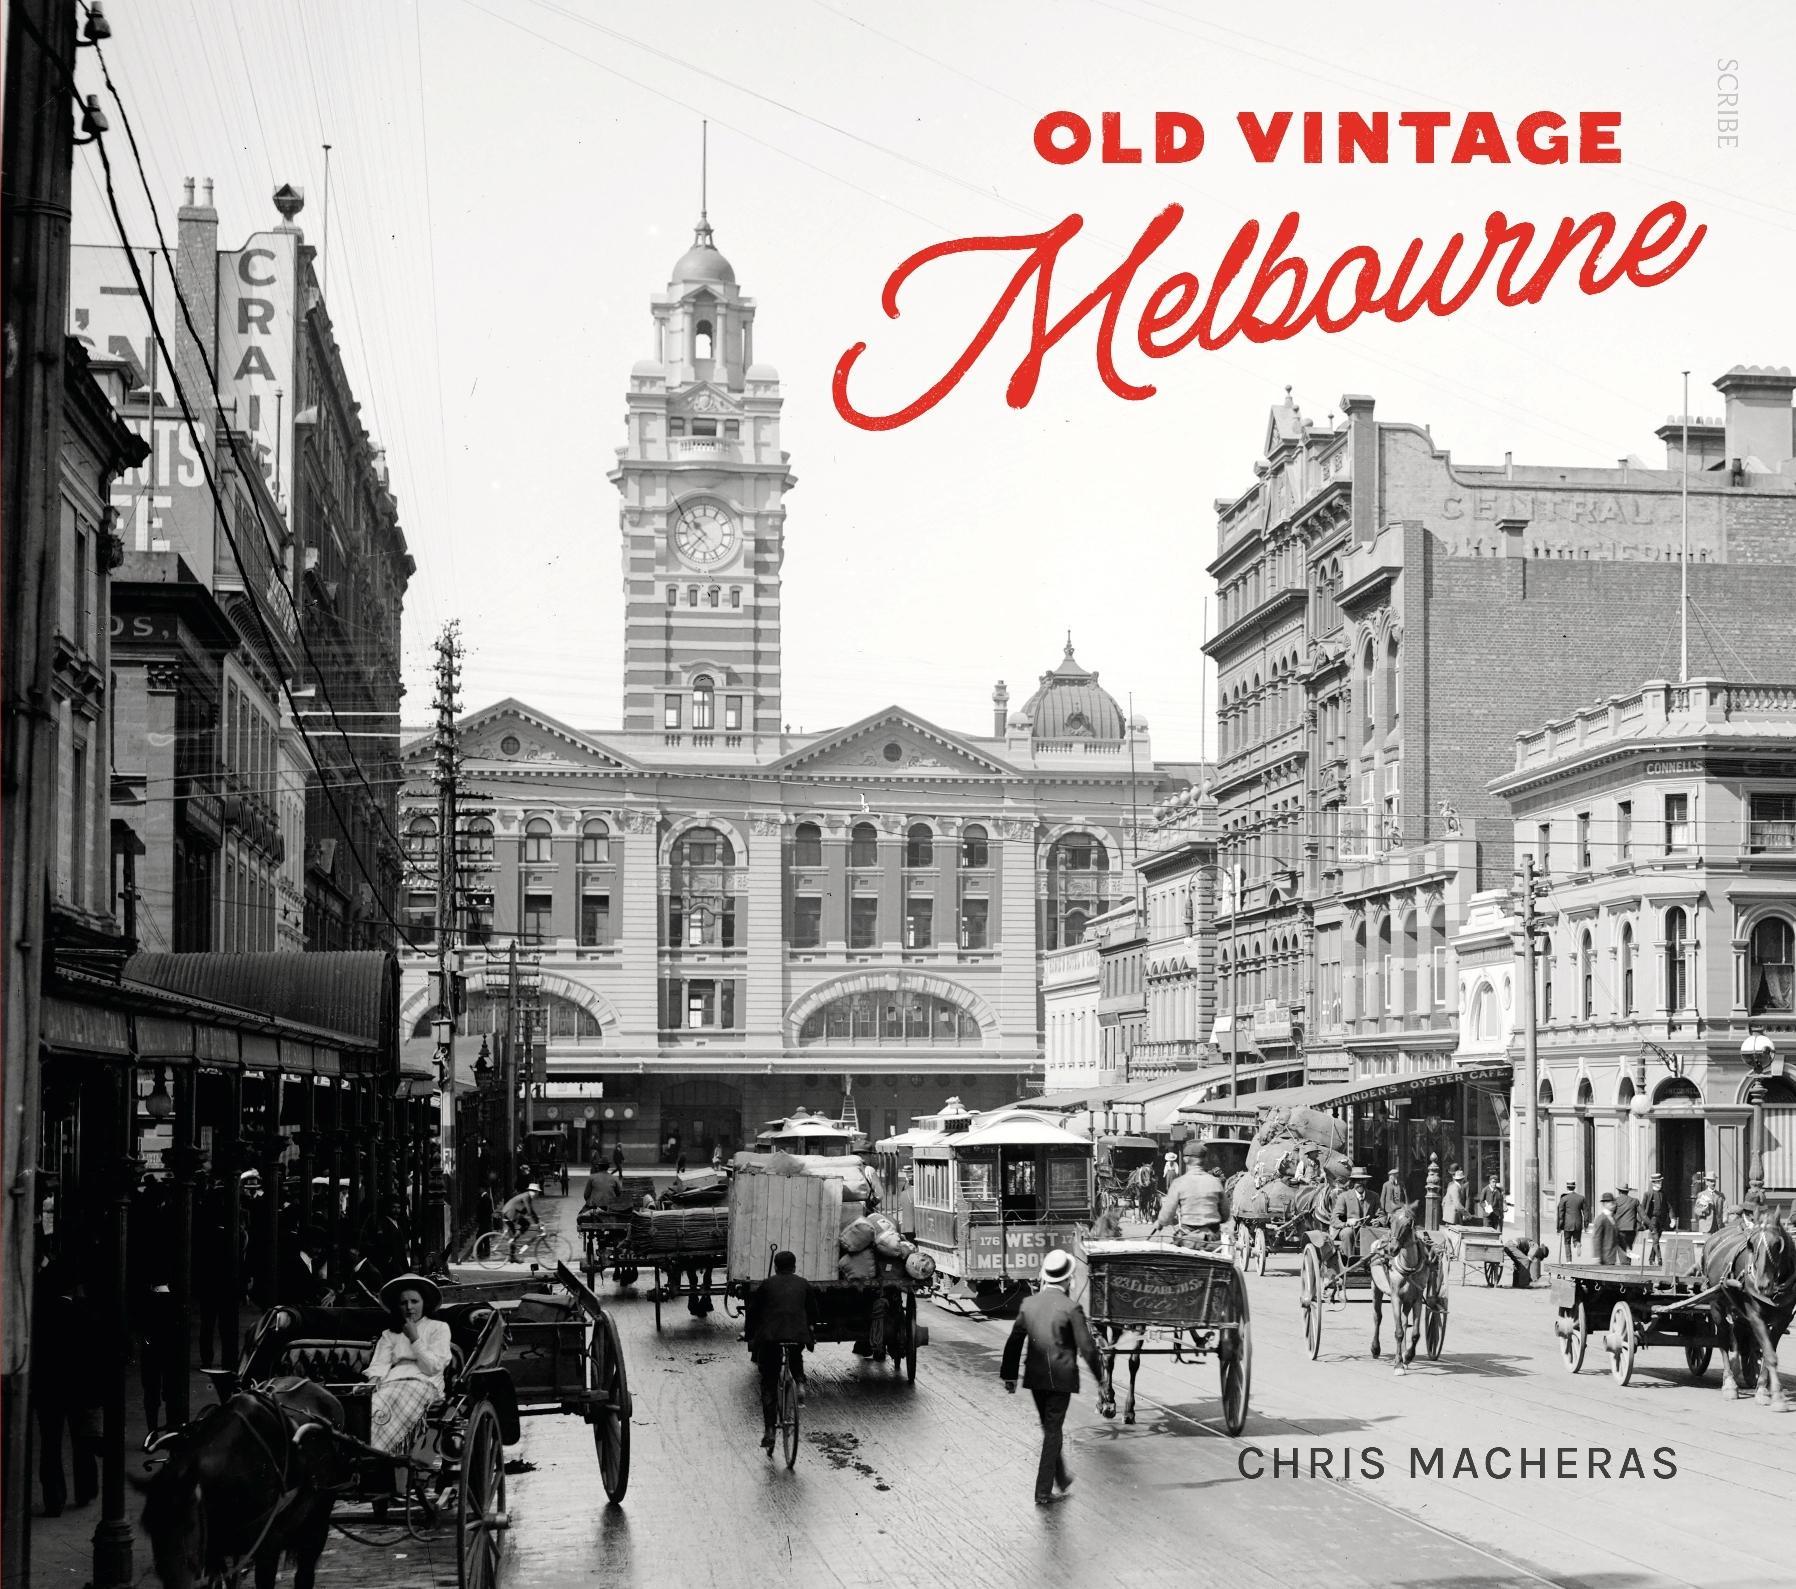 Old Vintage Melbourne